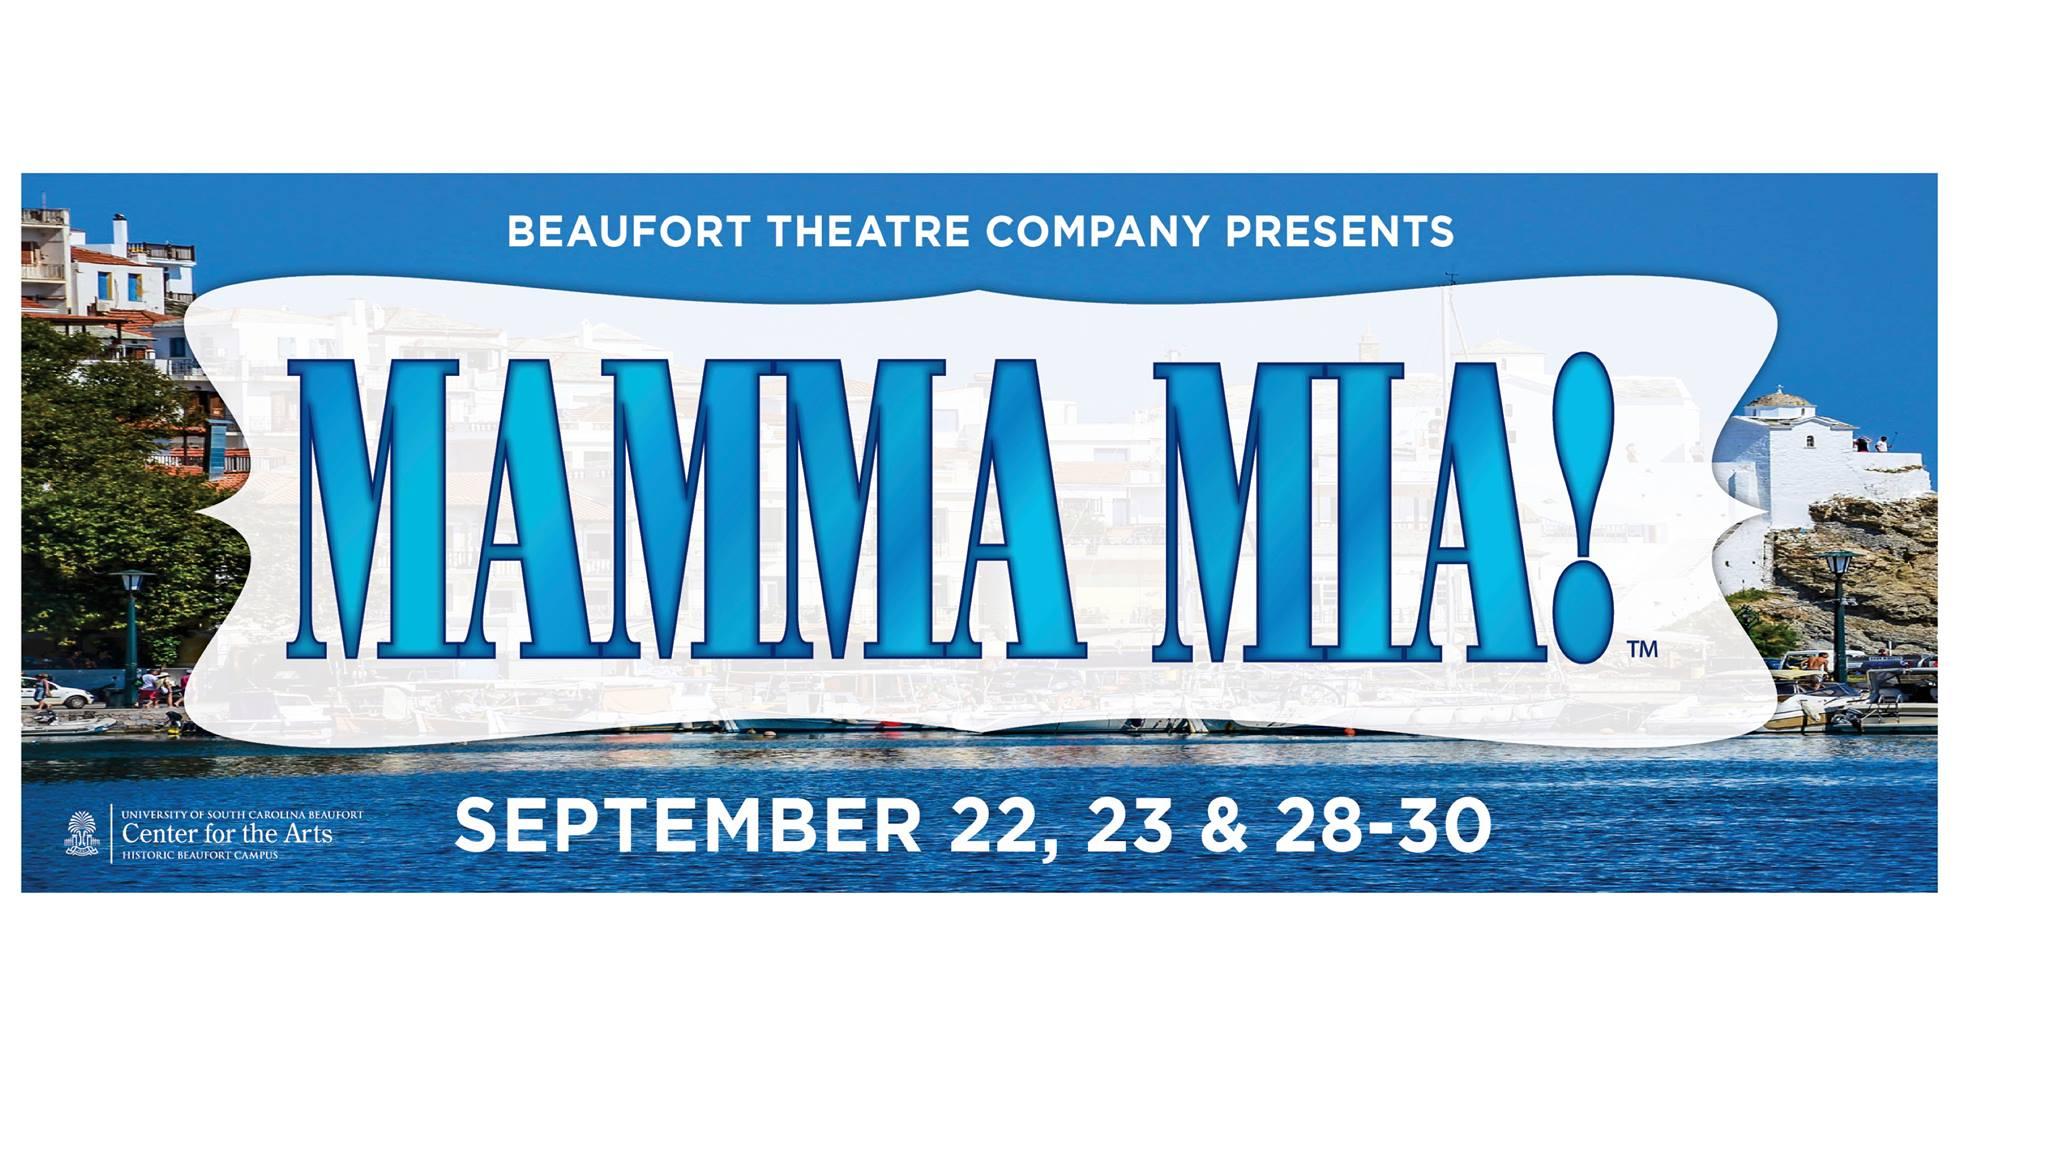 Beaufort Theatre Company Presents Mamma Mia